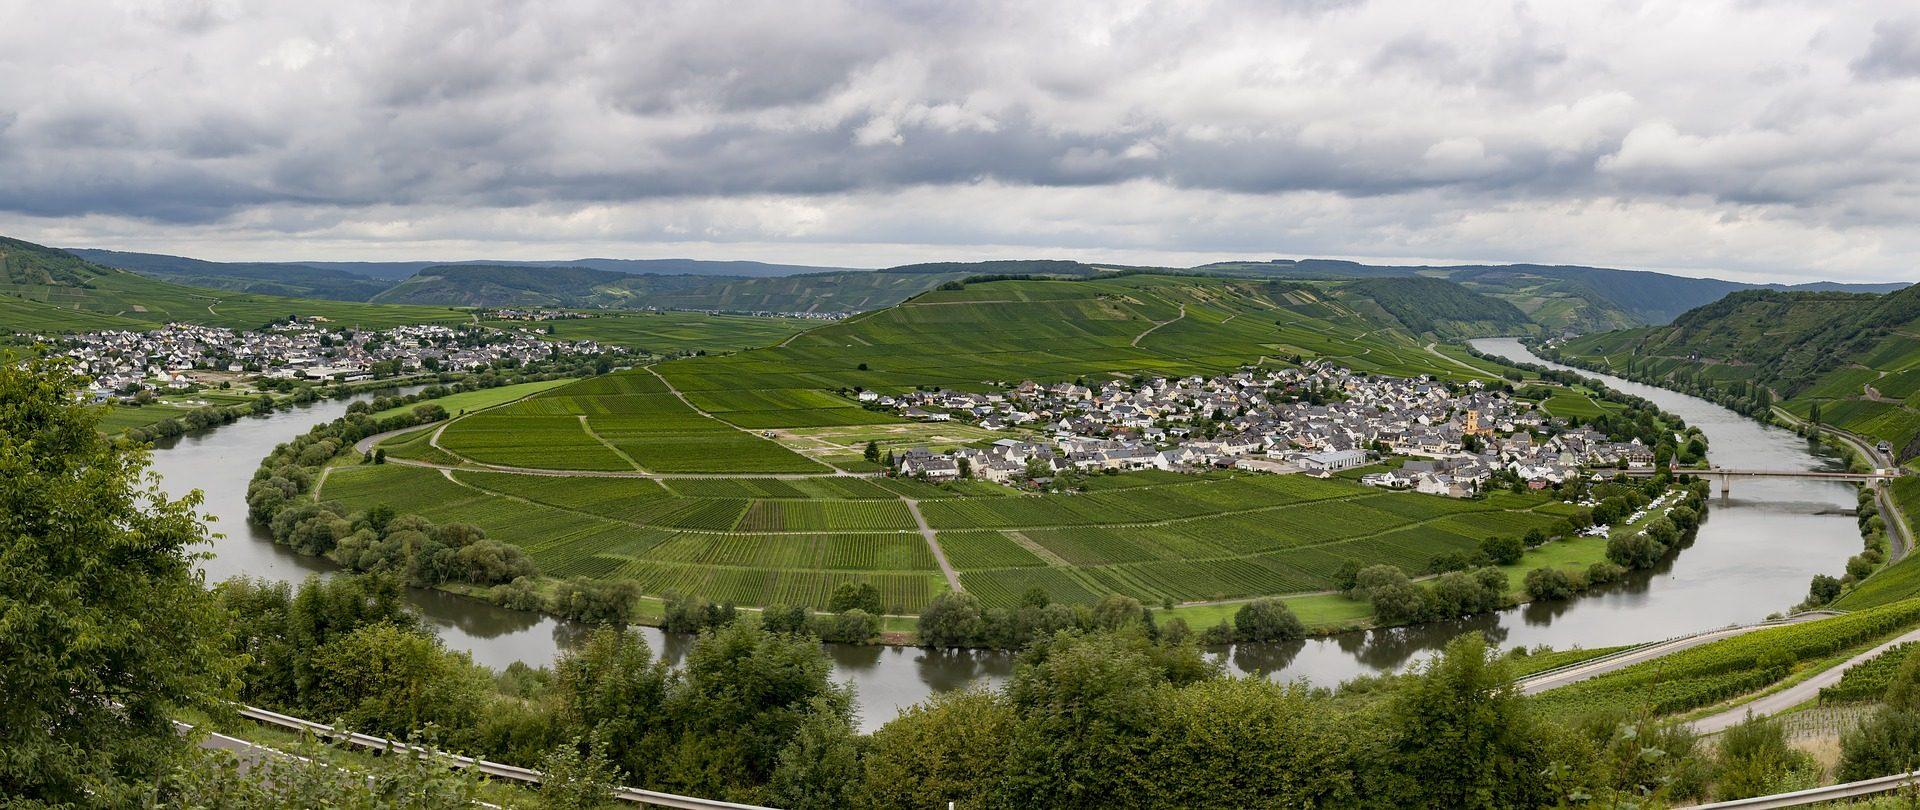 जनताको, गांवों, नदी, विला, वनस्पति, बादल छाए रहेंगे - HD वॉलपेपर - प्रोफेसर-falken.com